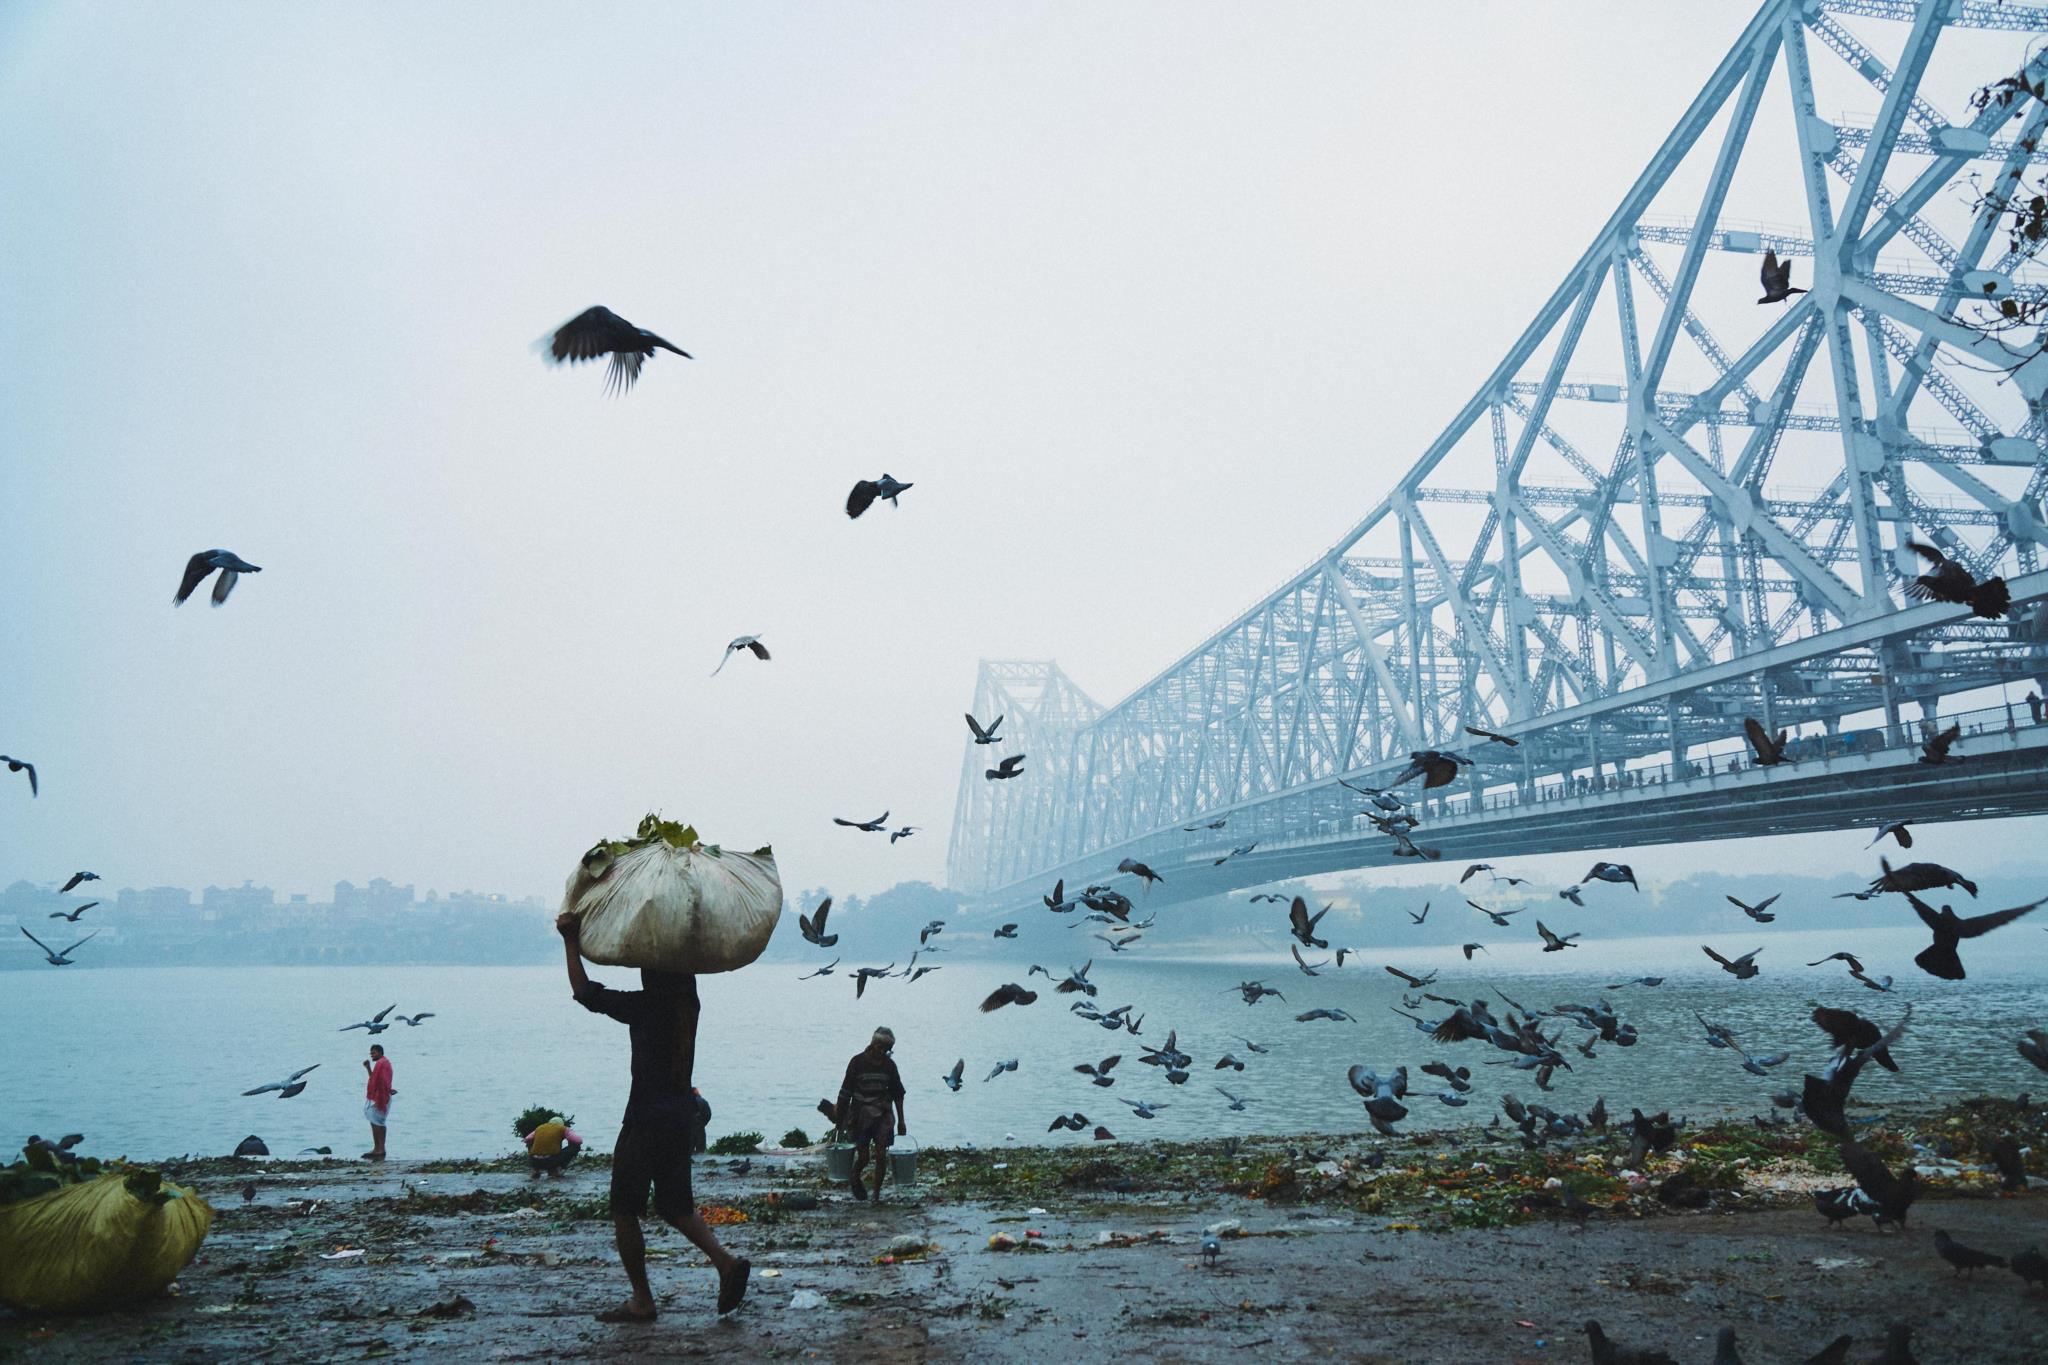 Amanhecer junto à ponte de Haora, na Índia (1.º prémio - Bangladesh)